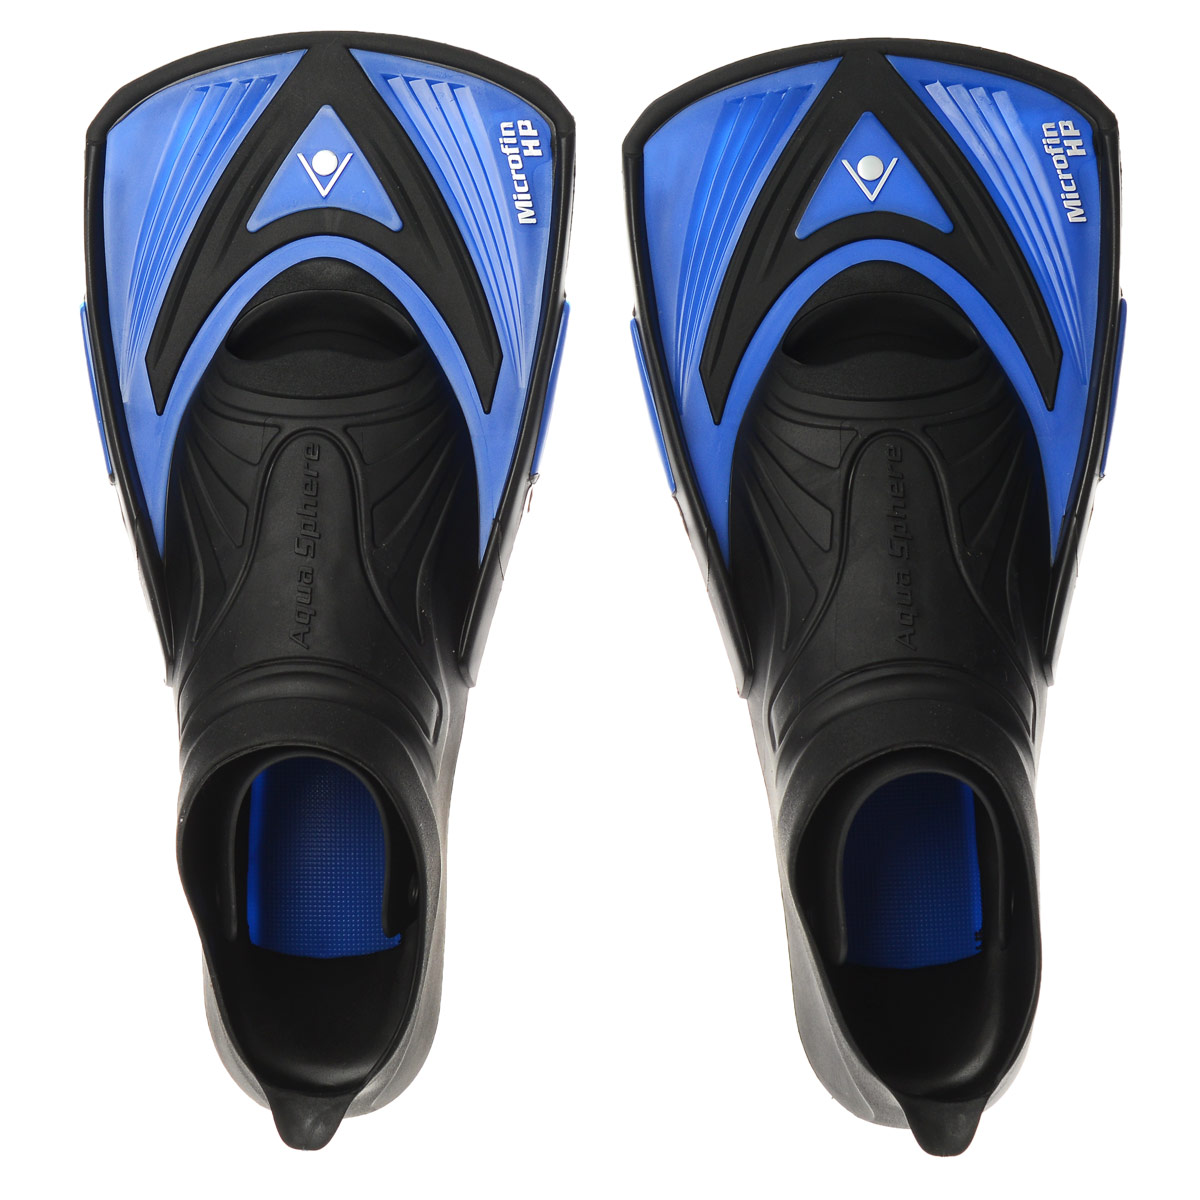 Ласты тренировочные Aqua Sphere Microfin HP, цвет: синий. Размер 32/33TN 1003312 (549780)Aqua Sphere Microfin HP - это ласты для энергичной манеры плавания, предназначенные для серьезных спортивных тренировок. Уникальный дизайн ласт обеспечивает достаточное сопротивление воды для силовых тренировок и поддерживает ноги близко к поверхности воды - таким образом, пловец занимает правильное положение, гарантирующее максимальную обтекаемость. Особенности:Галоша с закрытой пяткой выполнена из прочного термопластика.Короткие лопасти удерживают ноги пловца близко к поверхности воды.Позволяют развивать силу мышц и поддерживать их в тонусе, одновременно совершенствуя технику плавания.